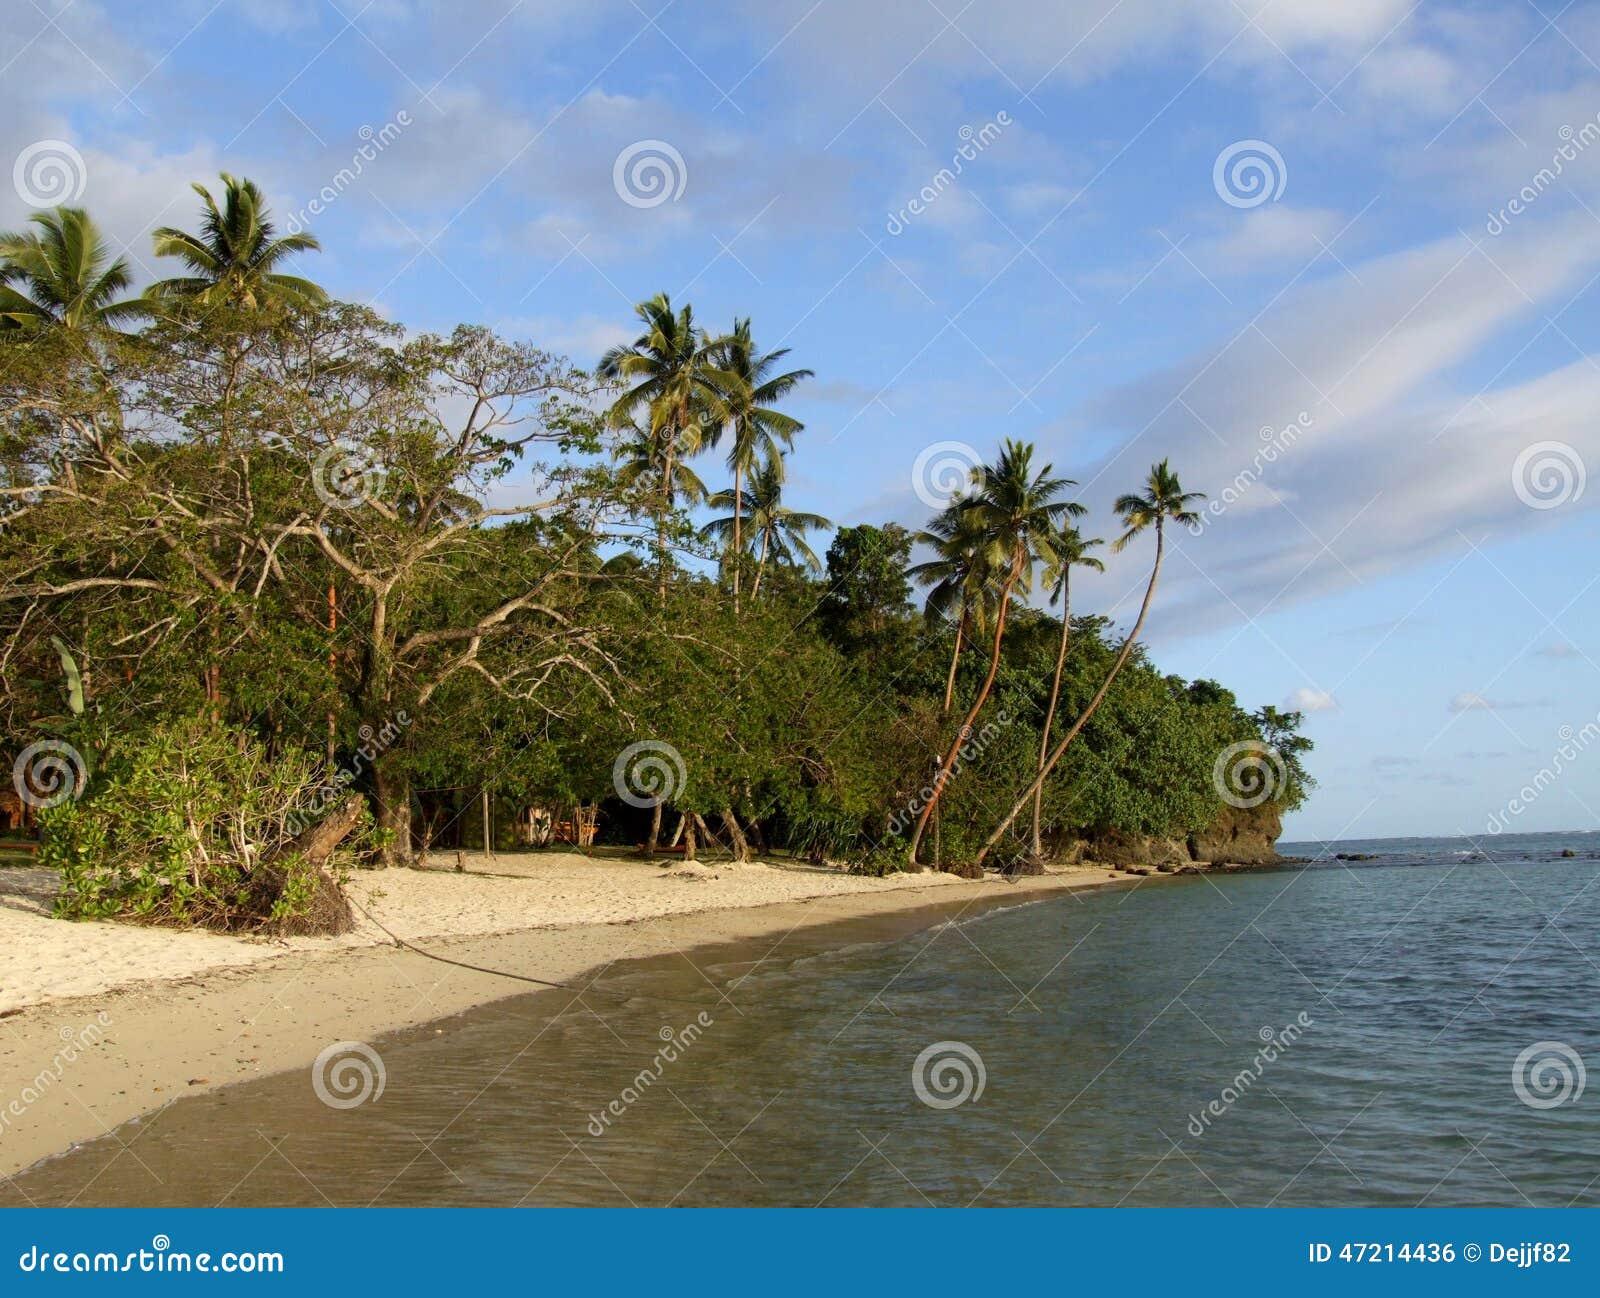 Palm grove on a beach